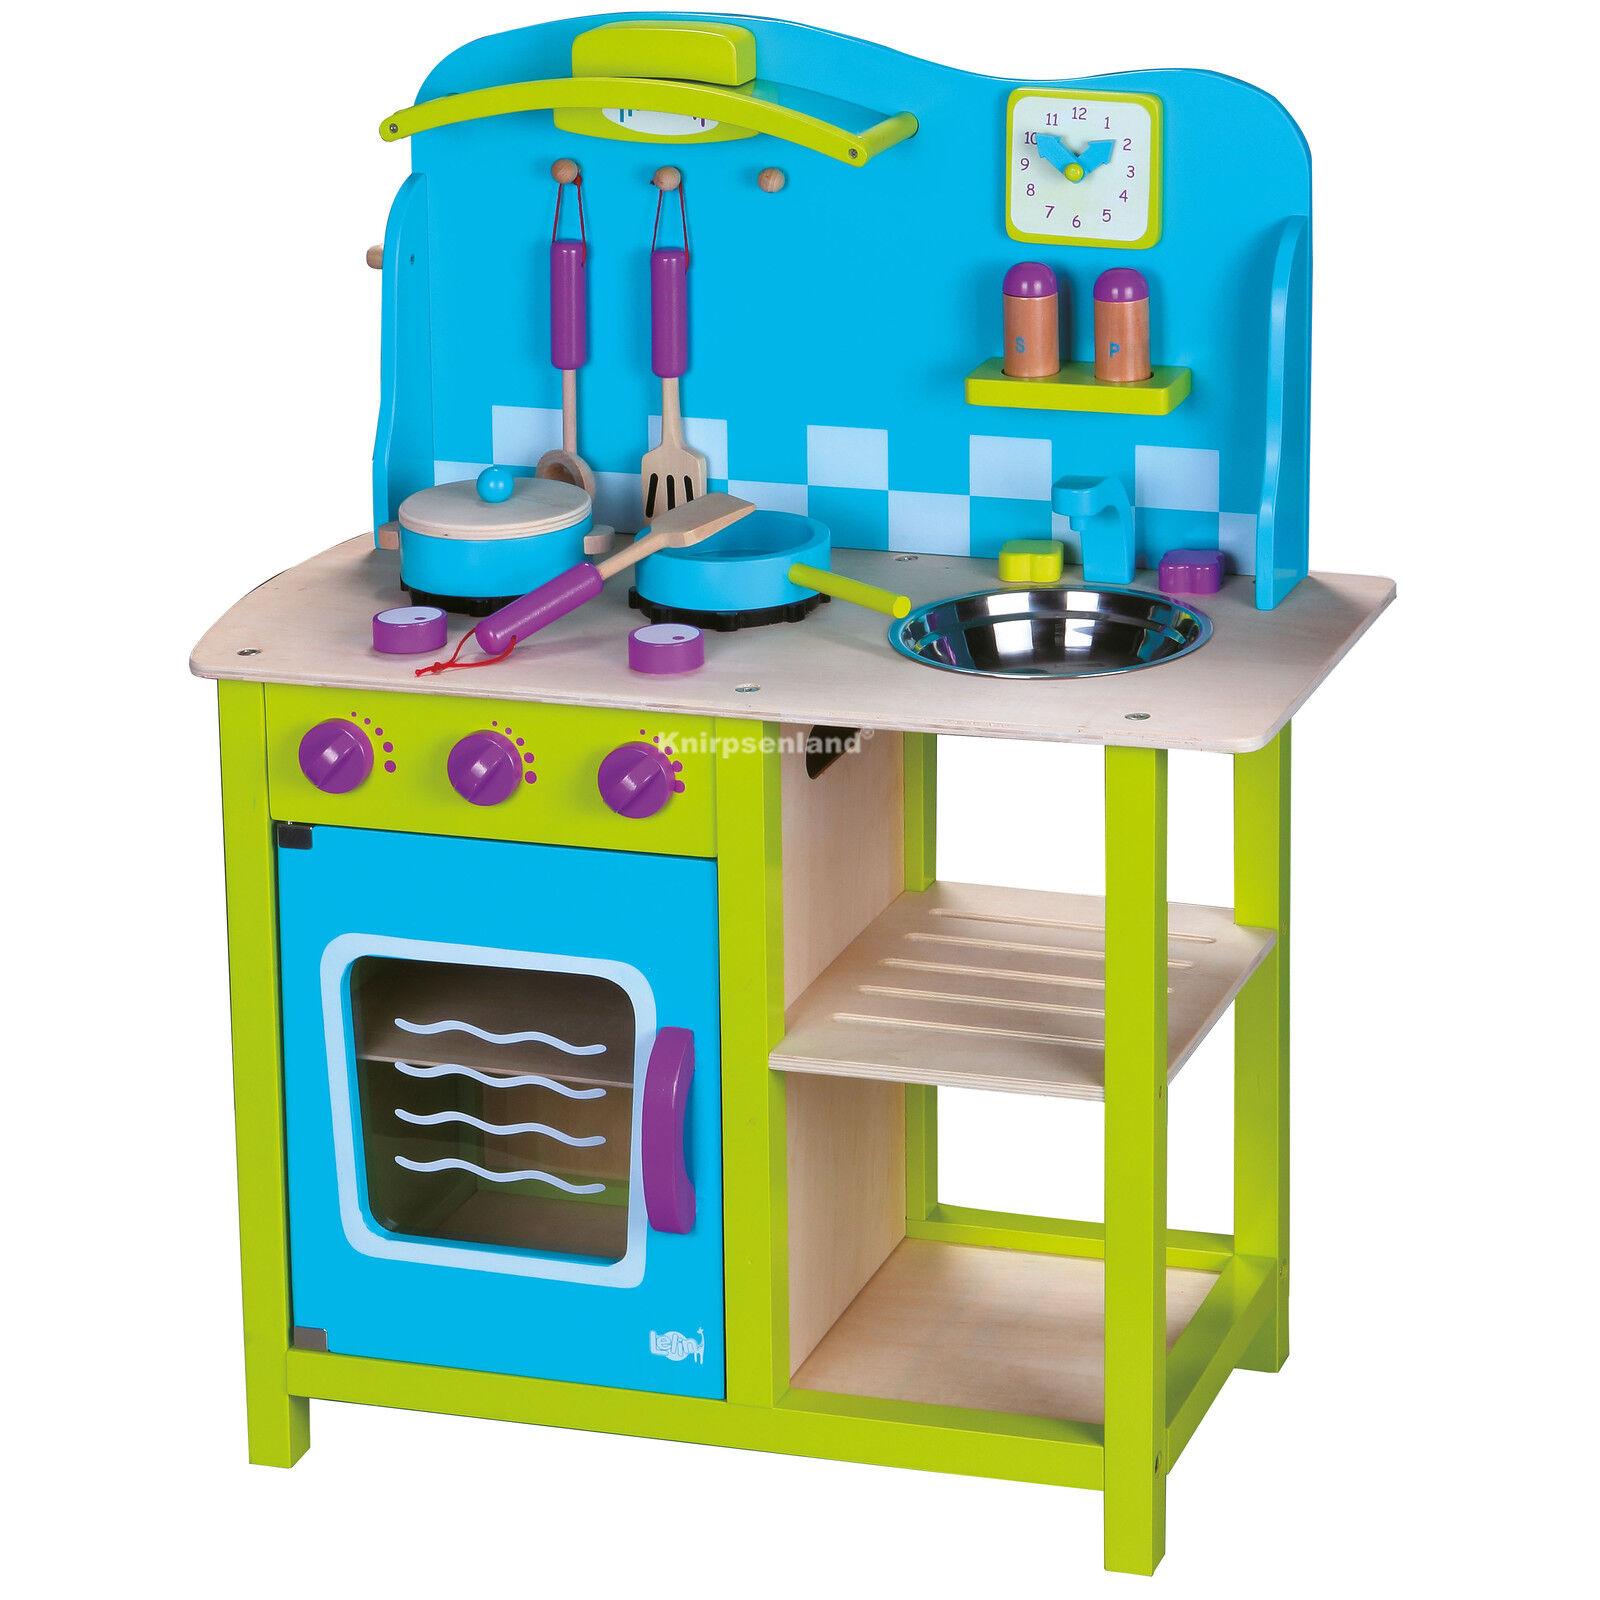 Spielküche Kinderküche Kinder Holz Küche Holzküche Spielzeugküche + Zubehör Blau